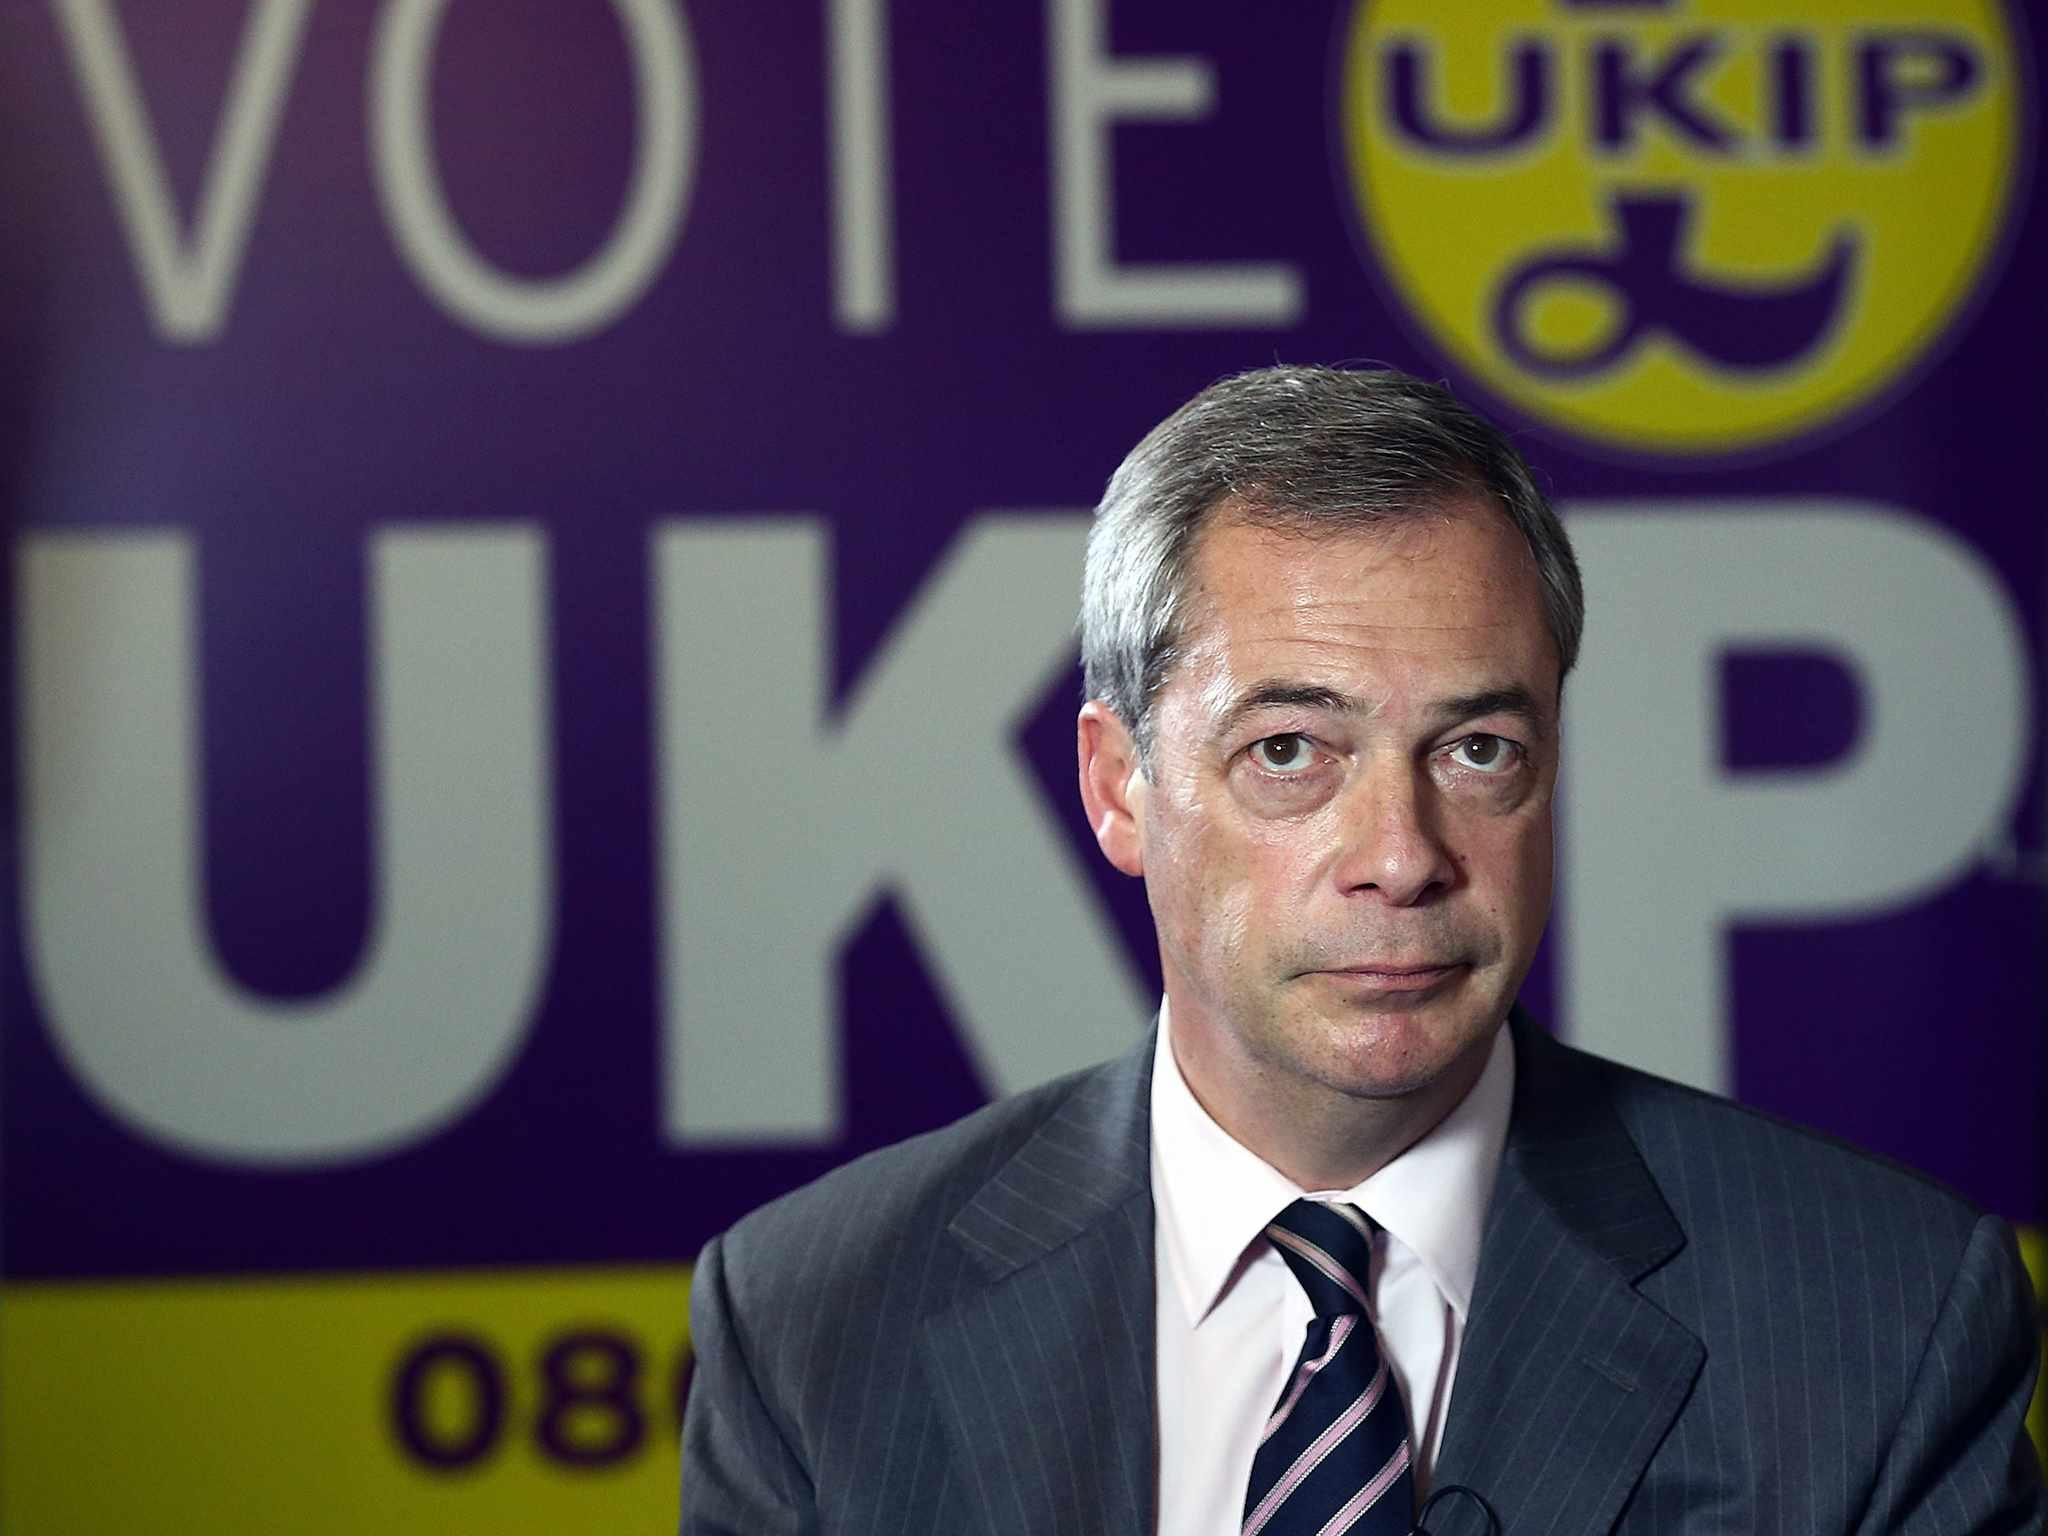 Nigel Farage lascia la leadership dello Ukip